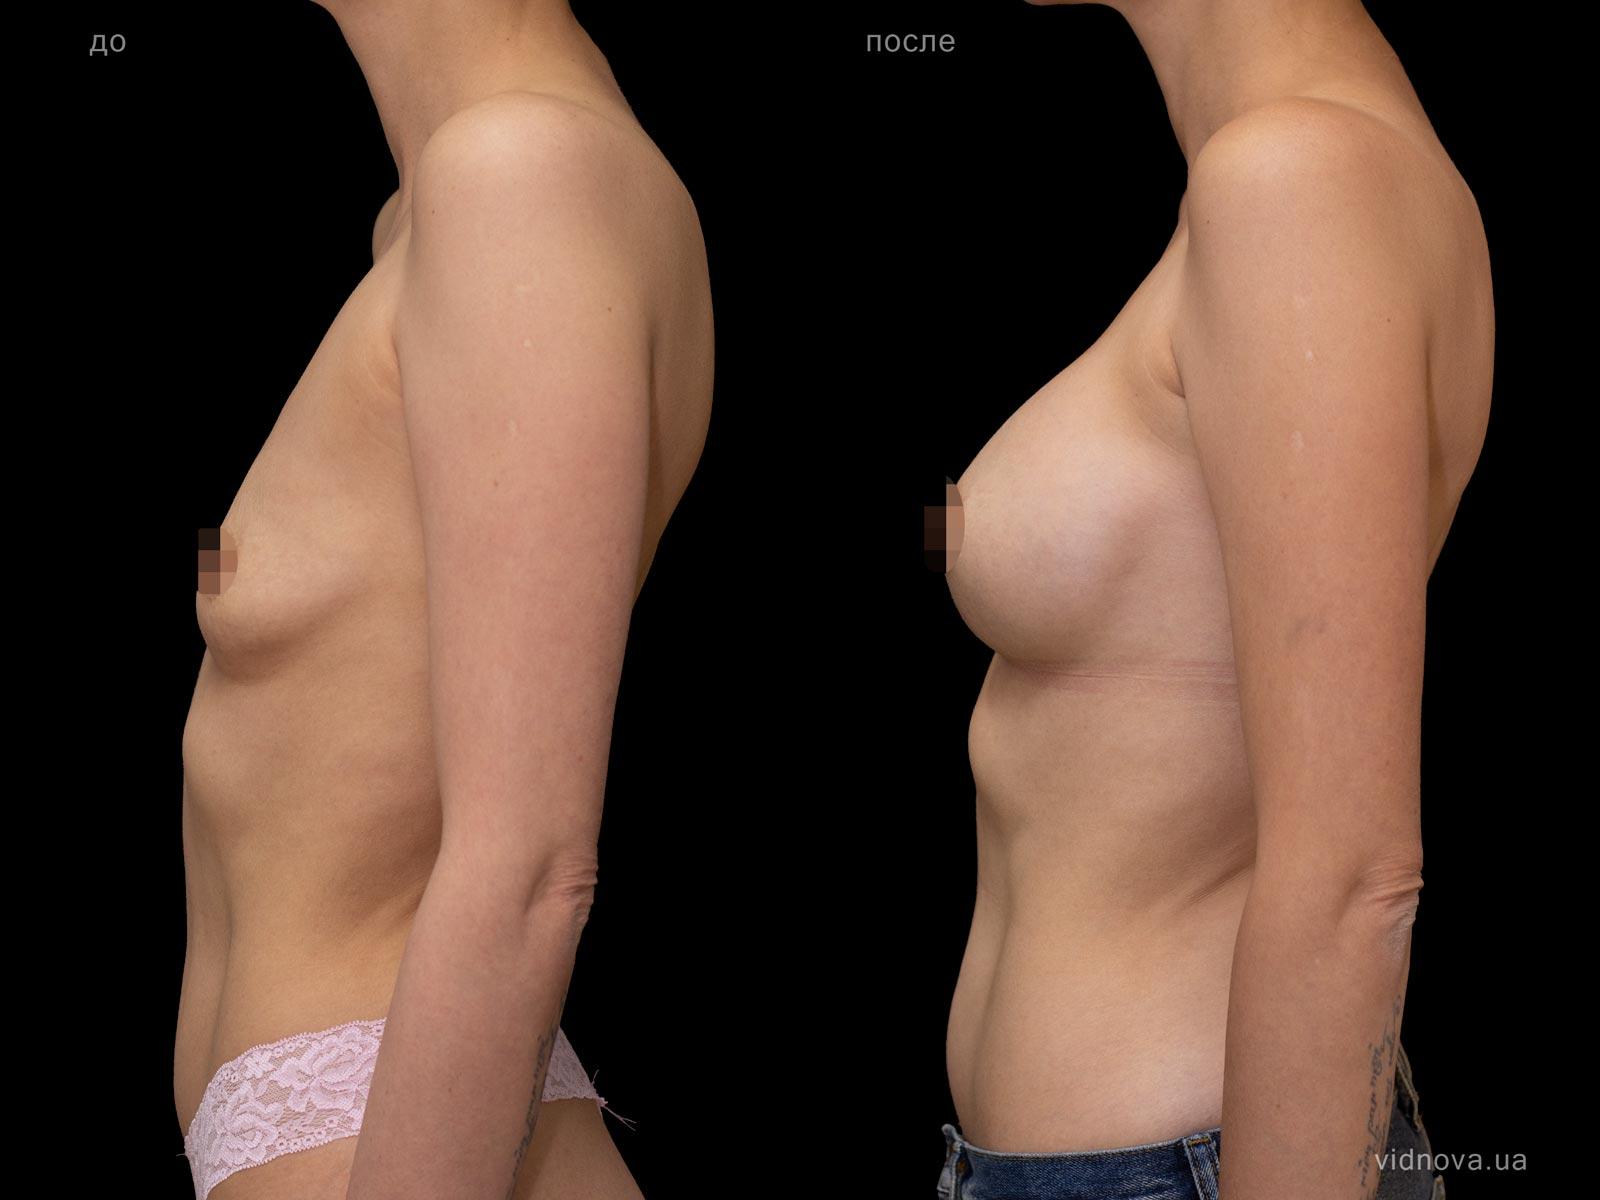 Пластика груди: результаты до и после - Пример №96-2 - Светлана Работенко